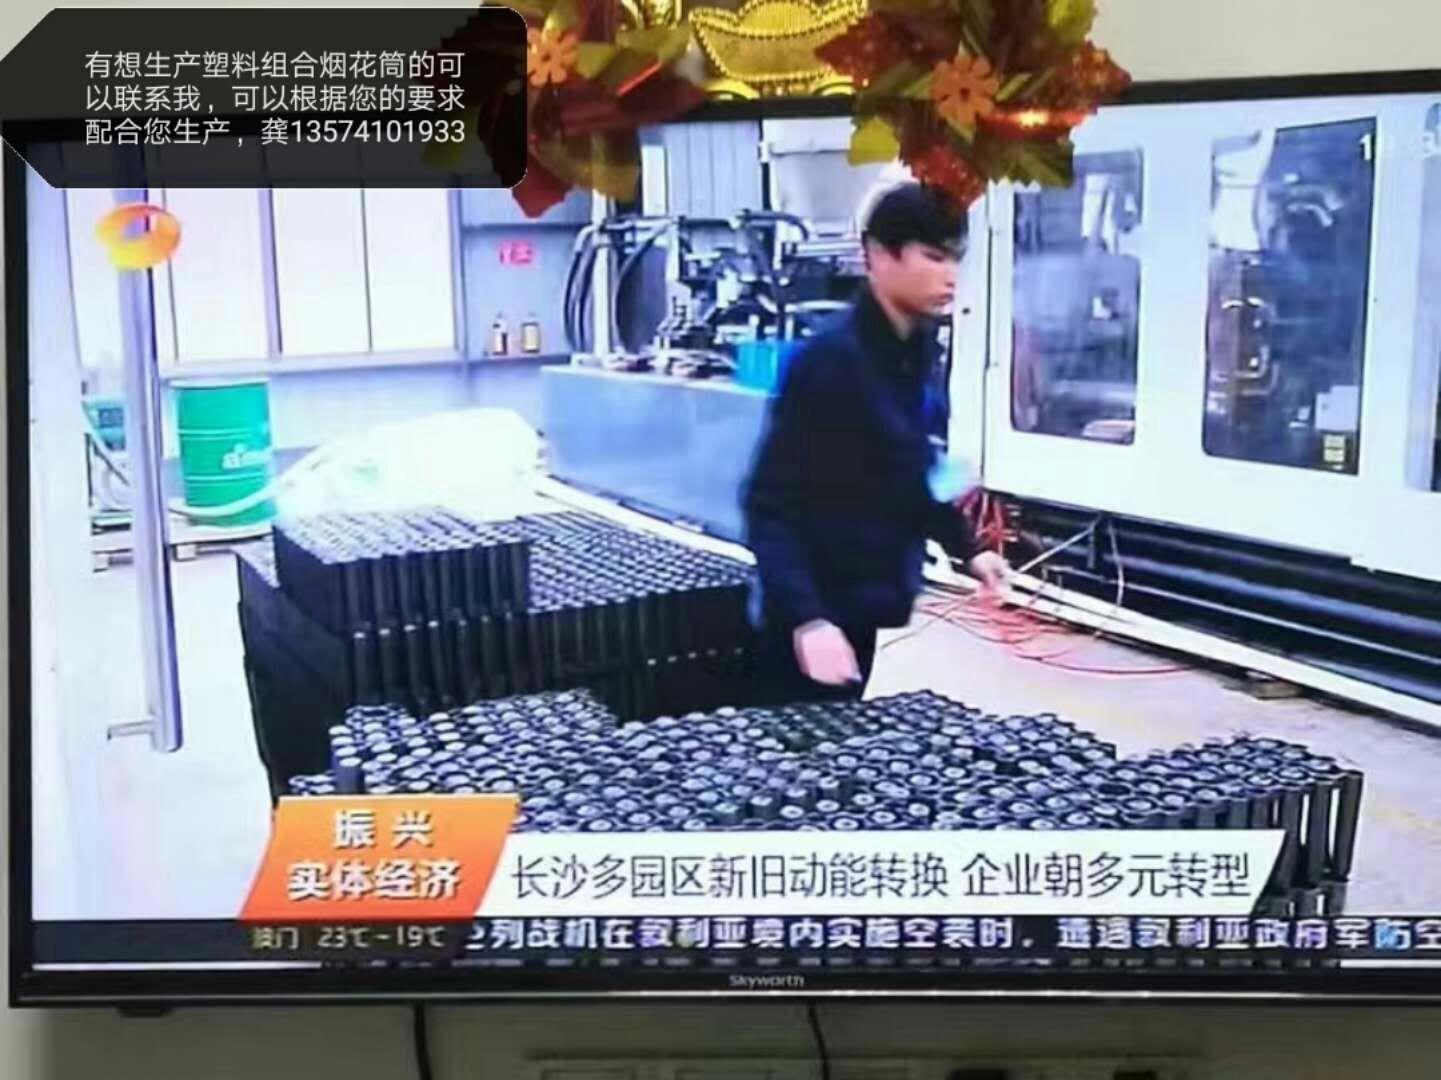 专业订制组合烟花专用注塑机制造商